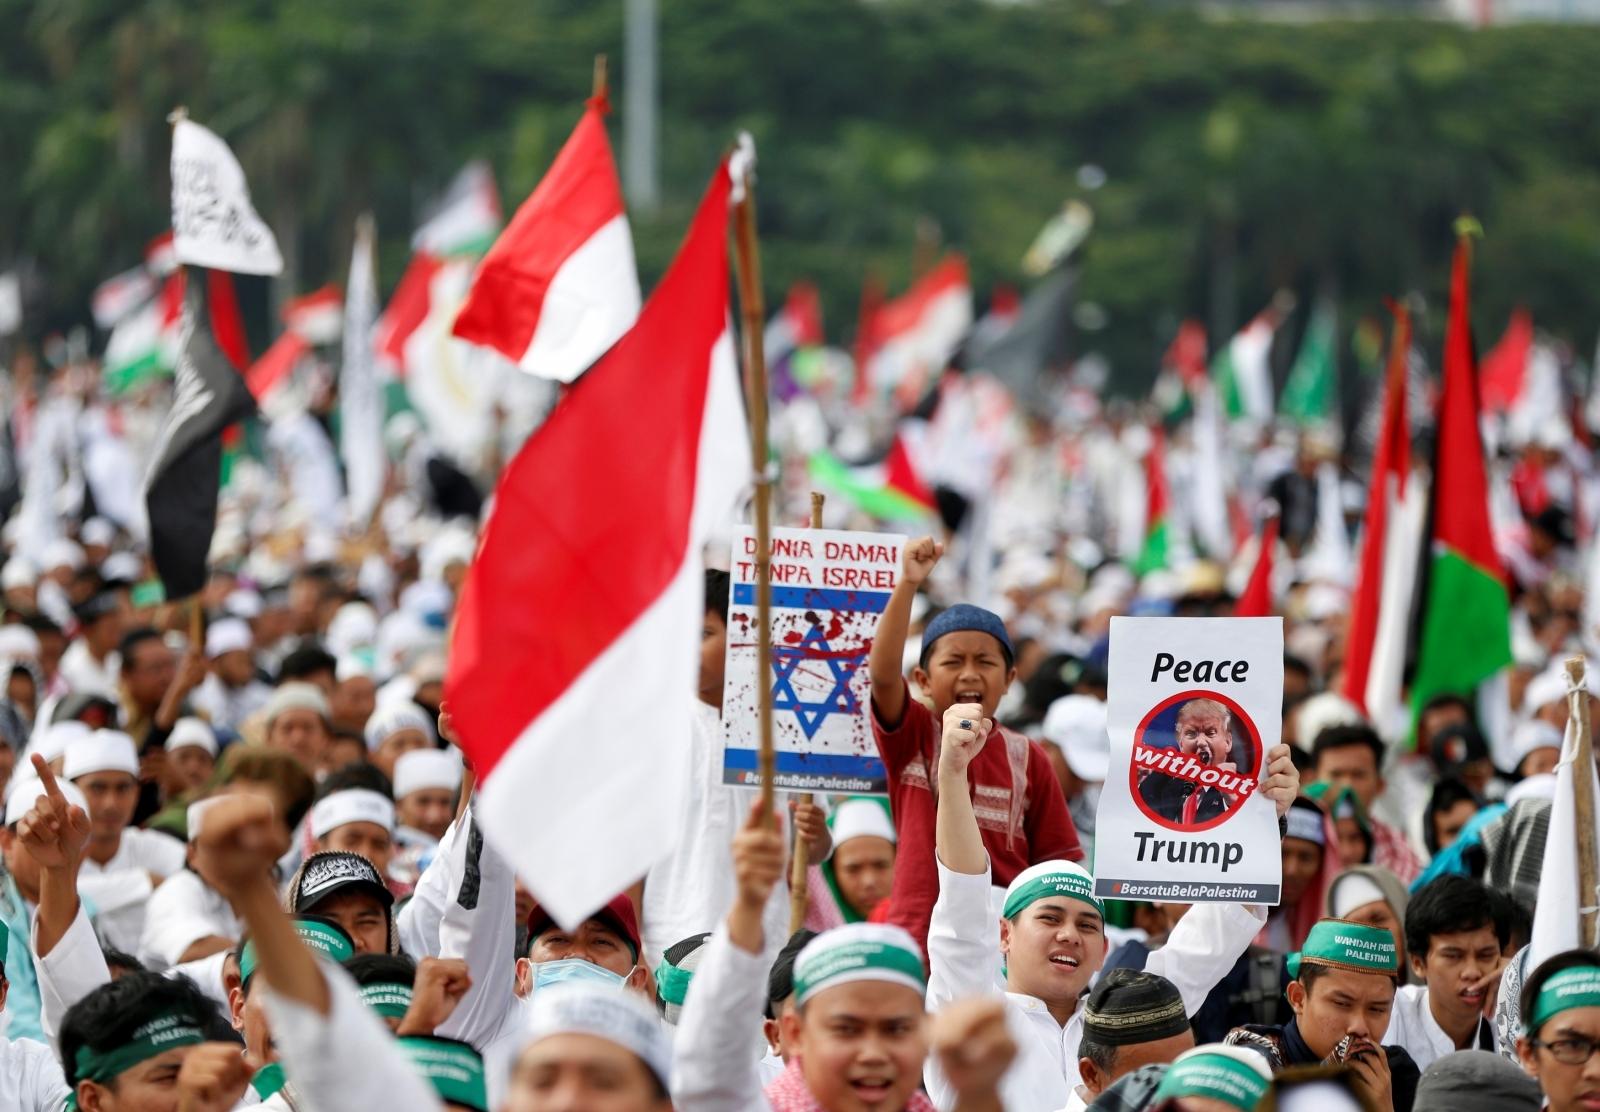 Indonesia anti-Trump protests